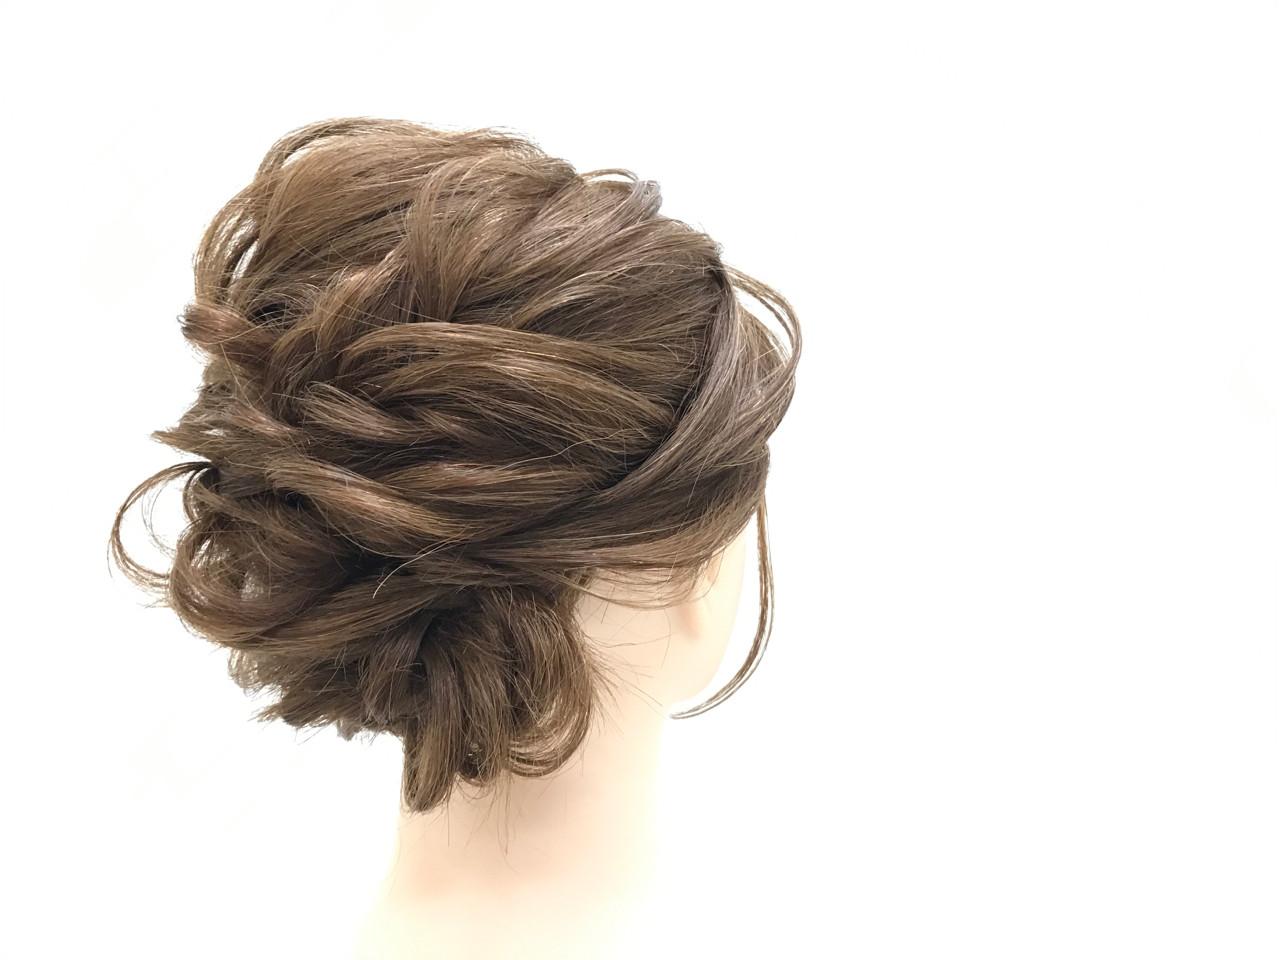 オフィス フェミニン 結婚式 簡単ヘアアレンジ ヘアスタイルや髪型の写真・画像